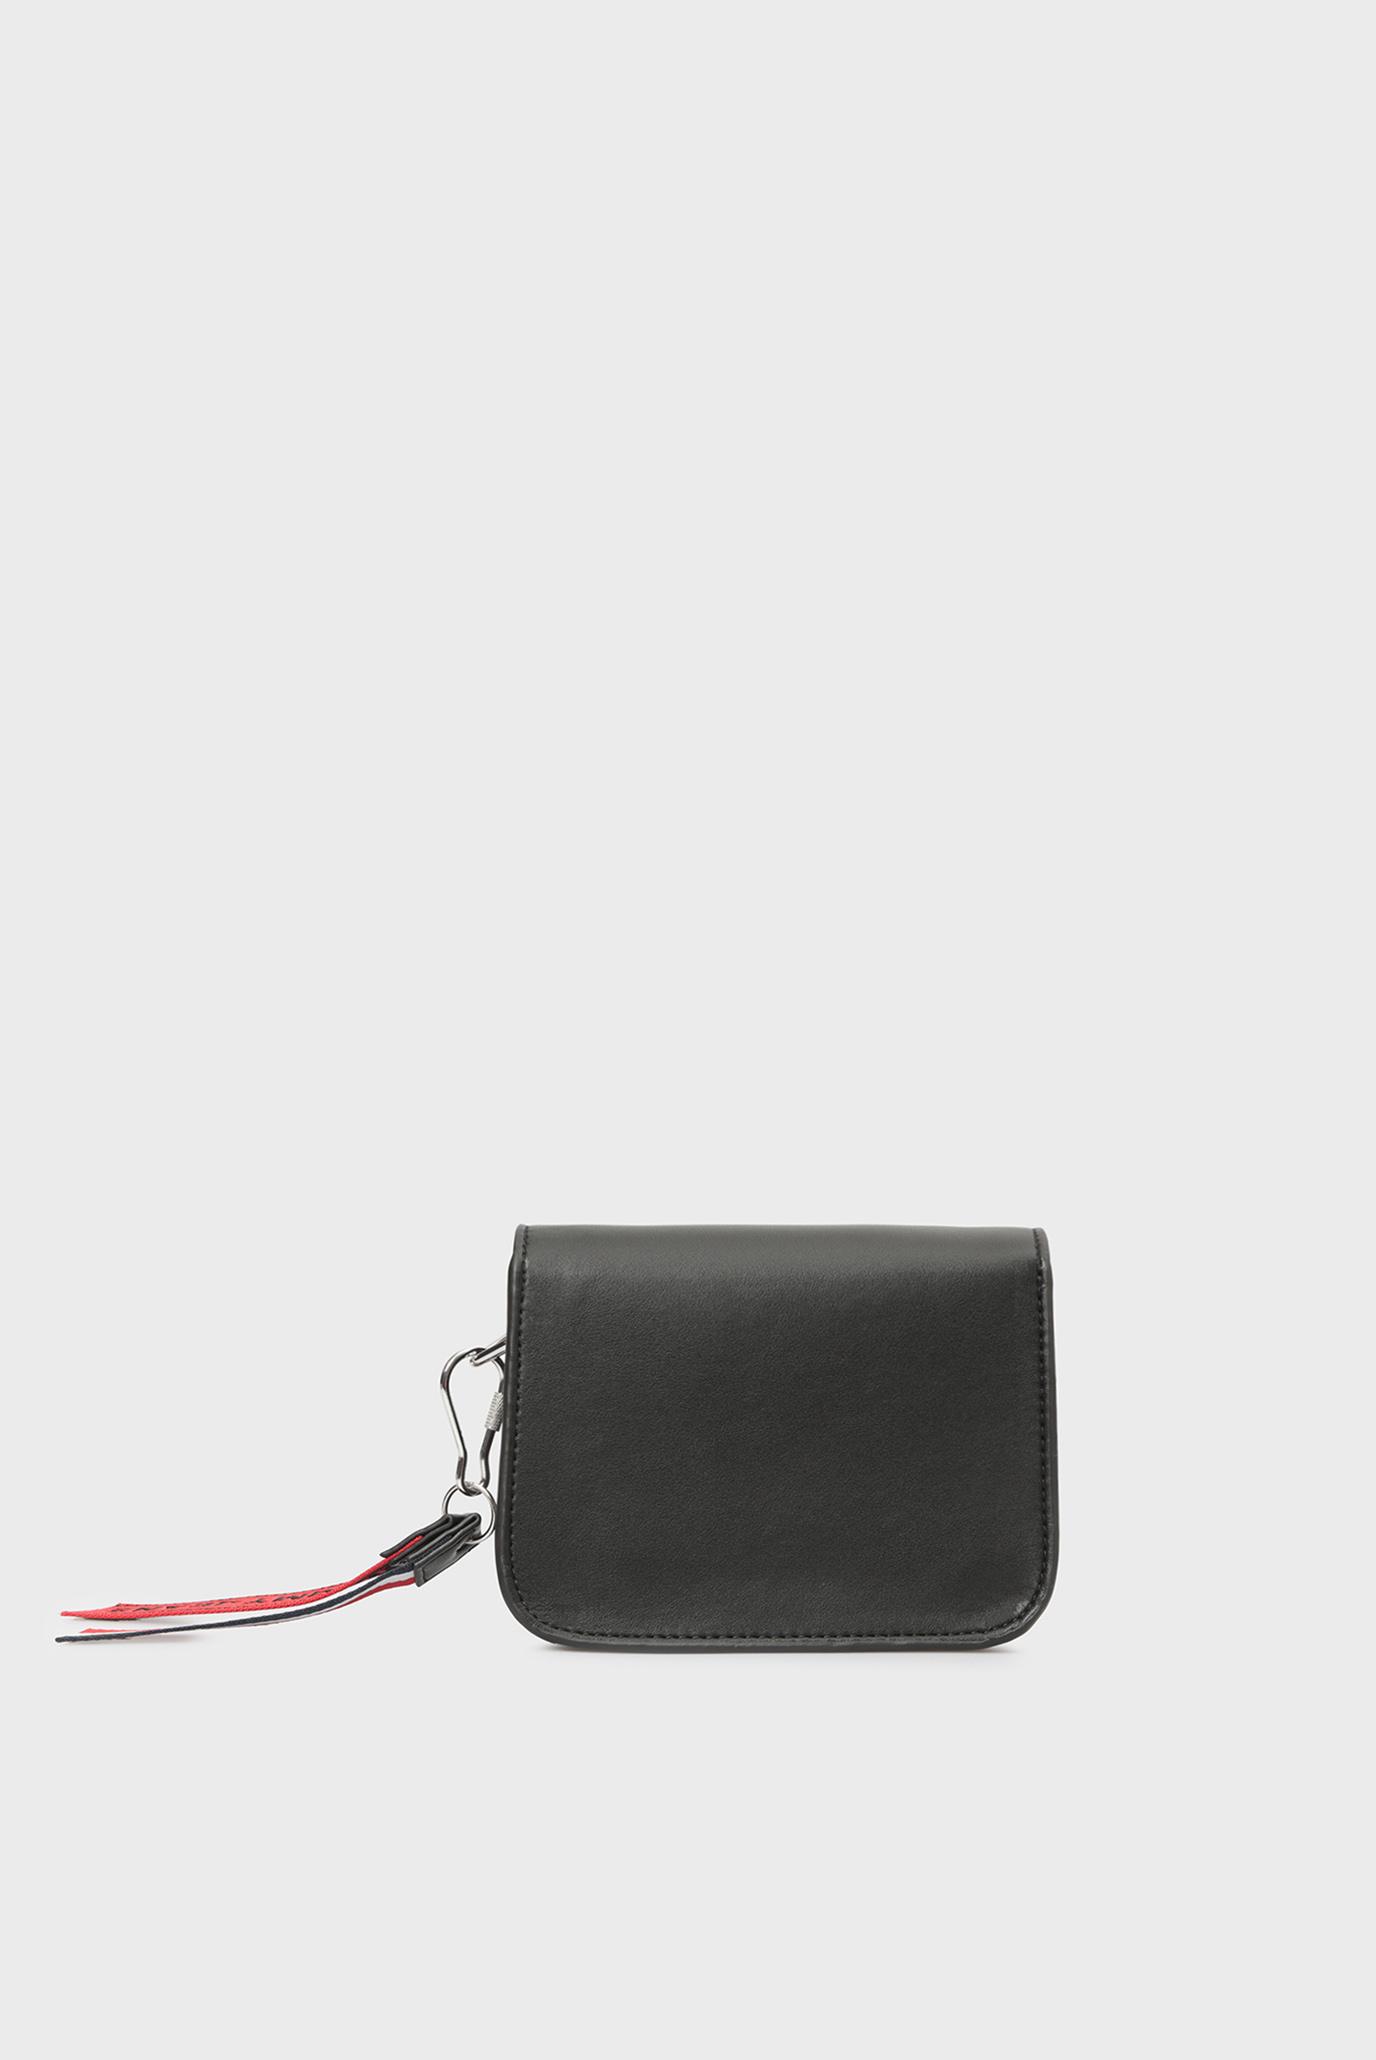 Купить Женская черная сумка через плечо FEM BOXY CROSSOVER Tommy Hilfiger Tommy Hilfiger AW0AW06034 – Киев, Украина. Цены в интернет магазине MD Fashion